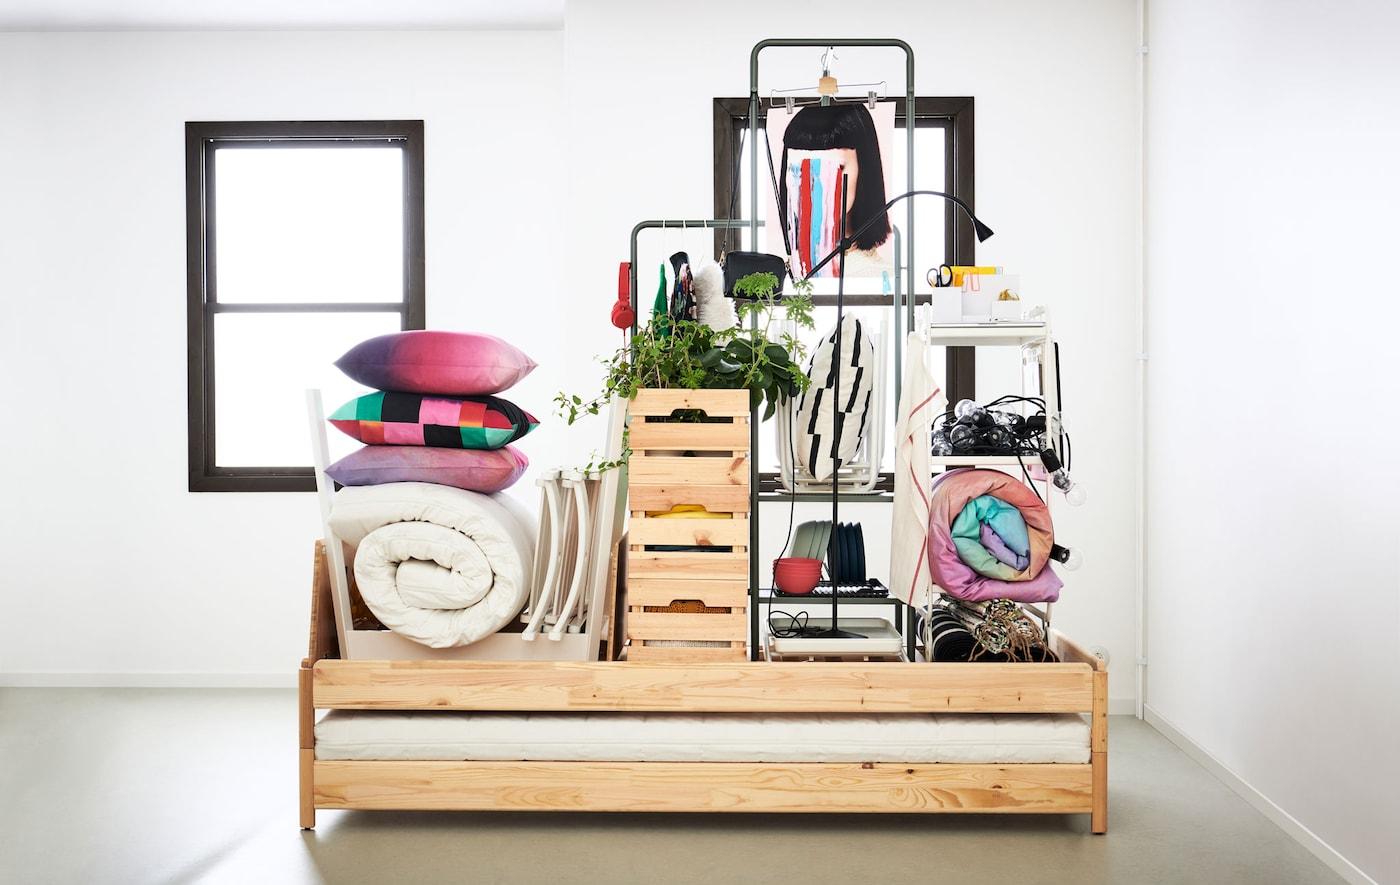 Pièce aux murs nus. Au beau milieu, le lit centralise tout ce qui est indispensable dans un petit logement.